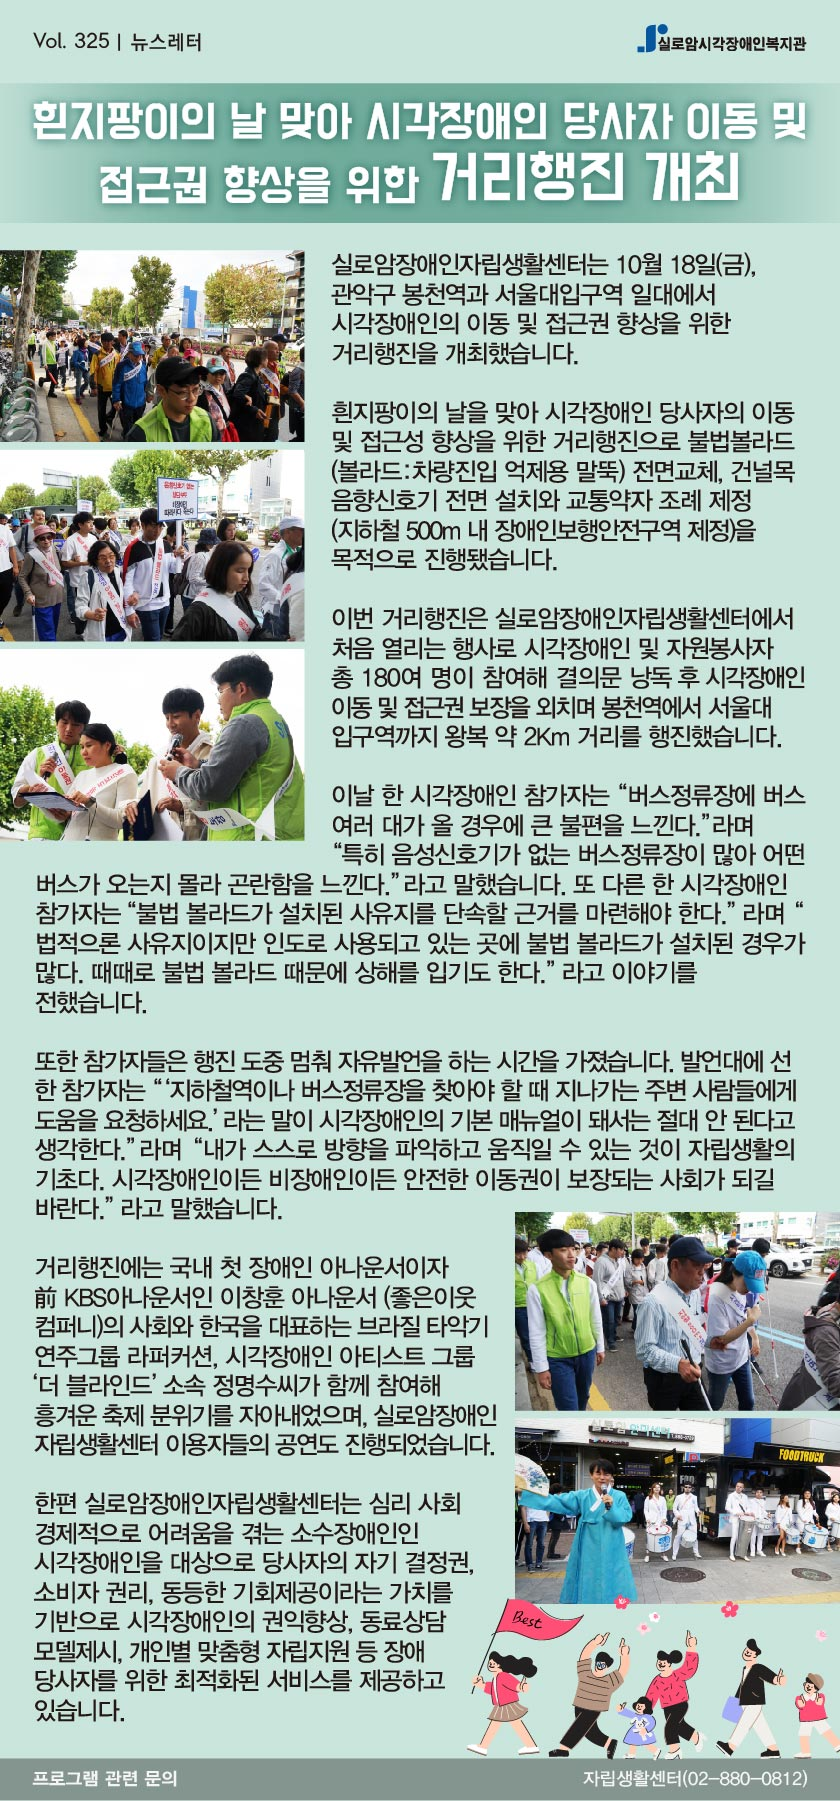 Vol.325 시각장애인 당사자 이동 및 접근권 향상을 위한 거리행진 개최 썸네일